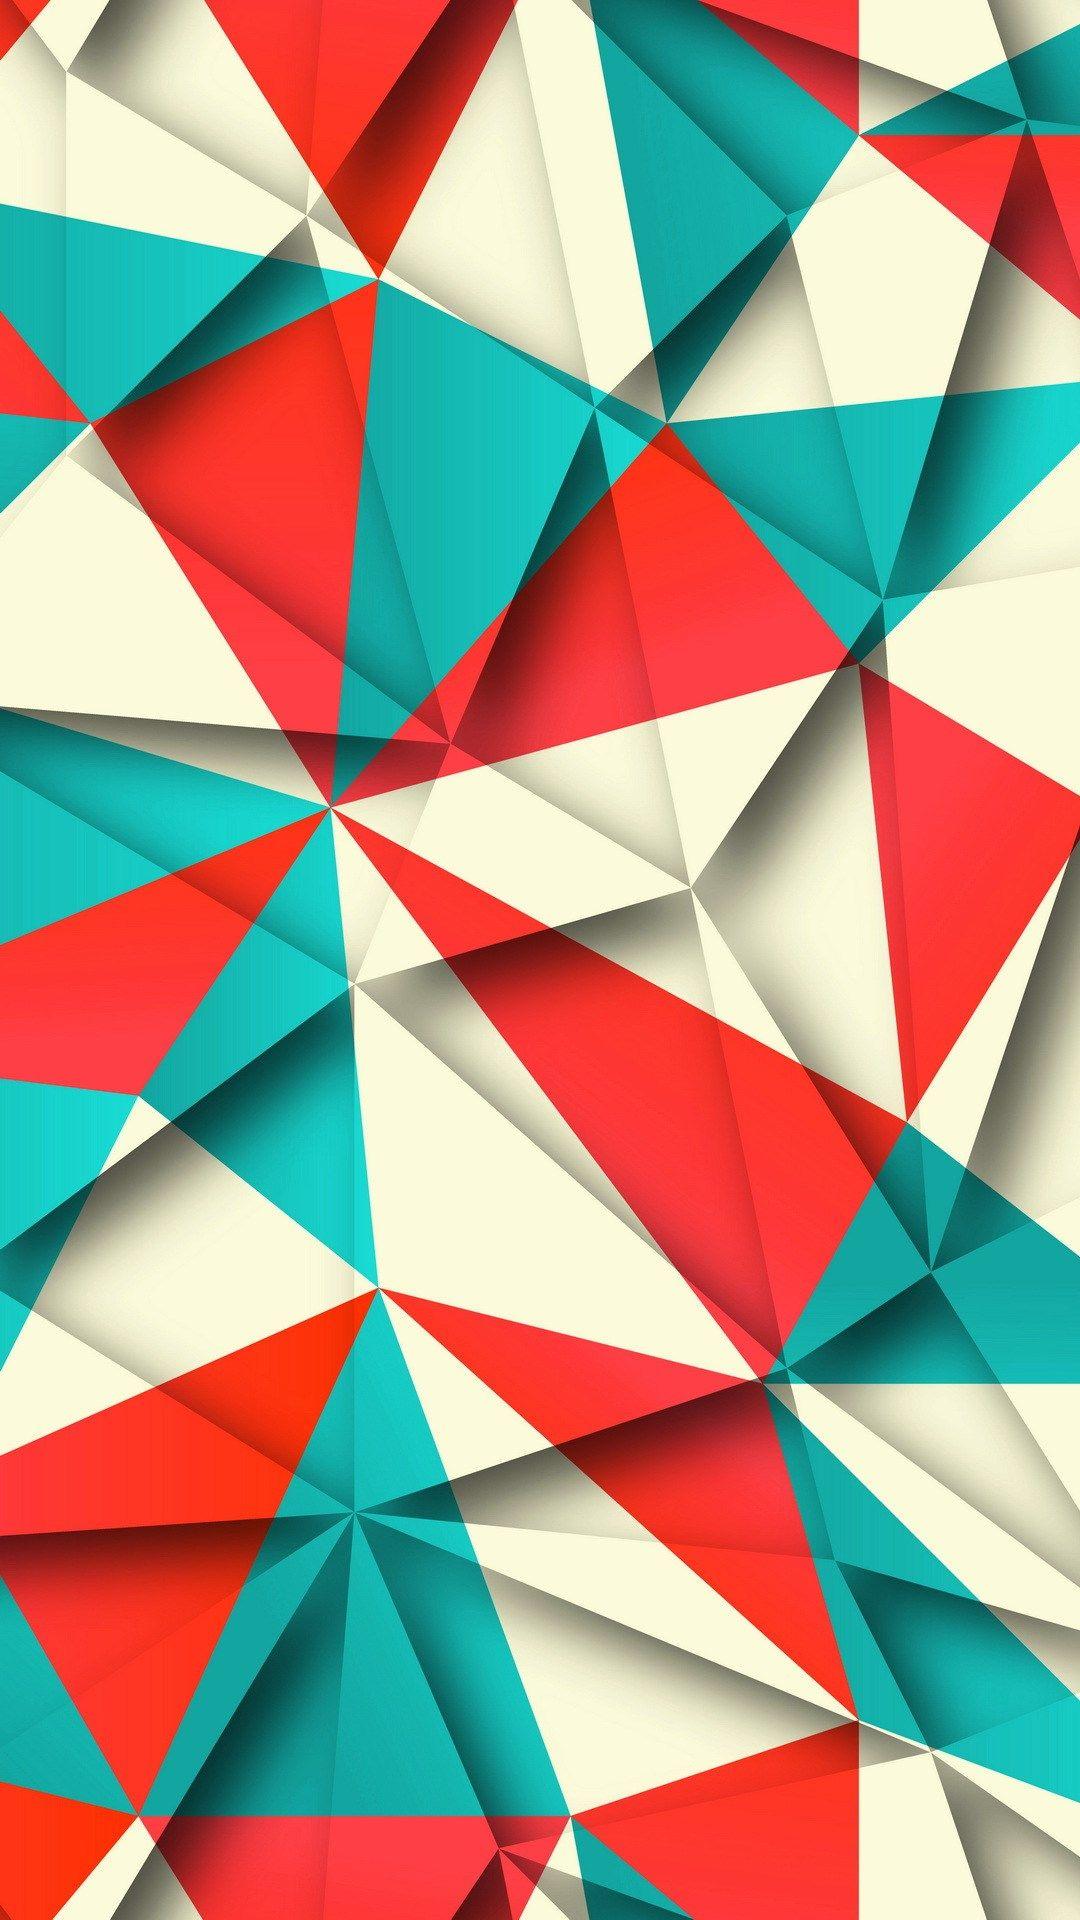 Colorful tumblr wallpaper iphone - Colorful Phone Wallpaper Tumblr